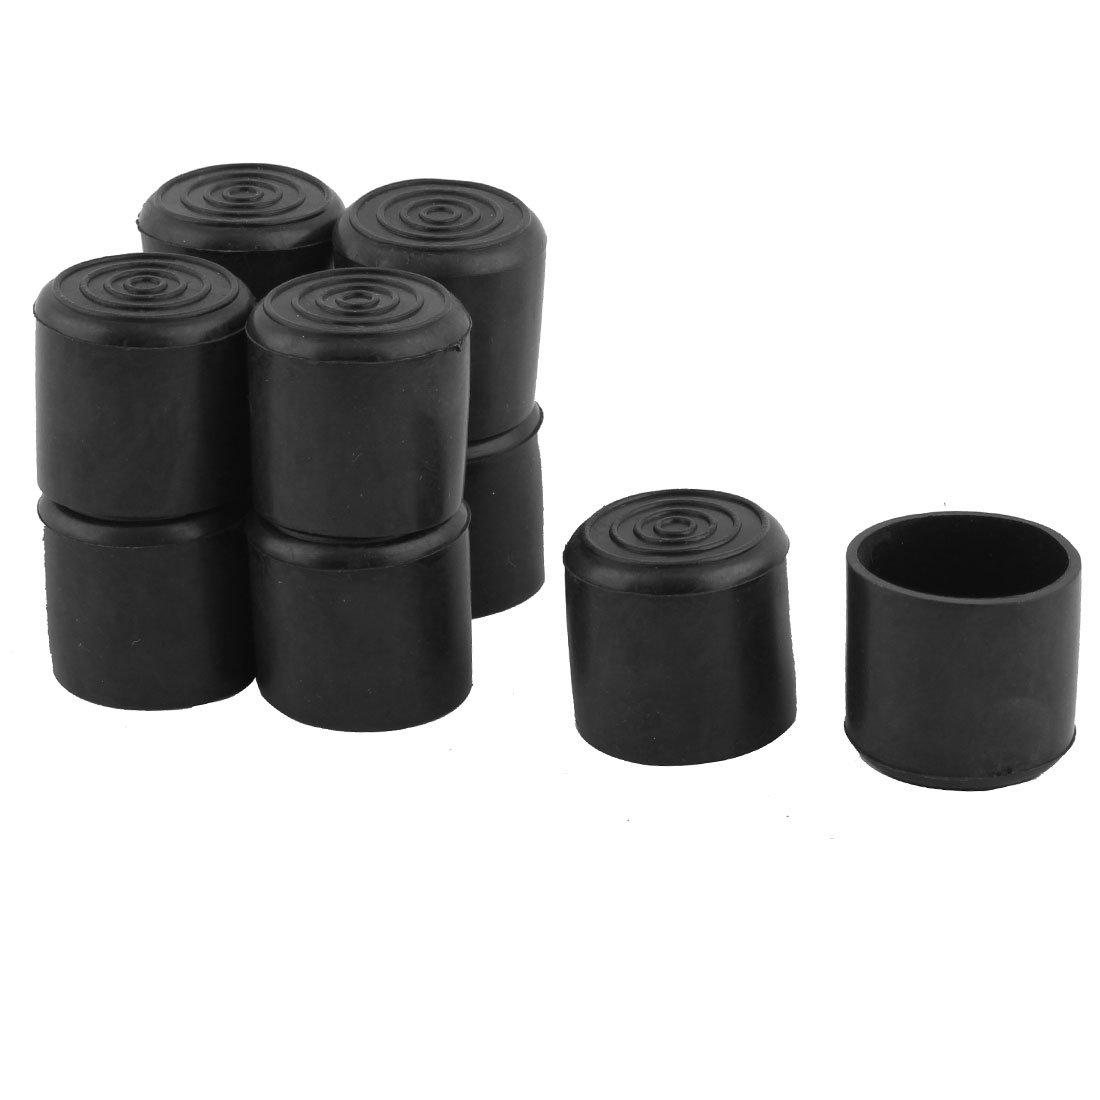 Sourcingmap/® Ameublement Chaise Table Ronde Jambe Tube PVC Pied Noir Couvre 25mm diam/ètre int/érieur 10 PCS